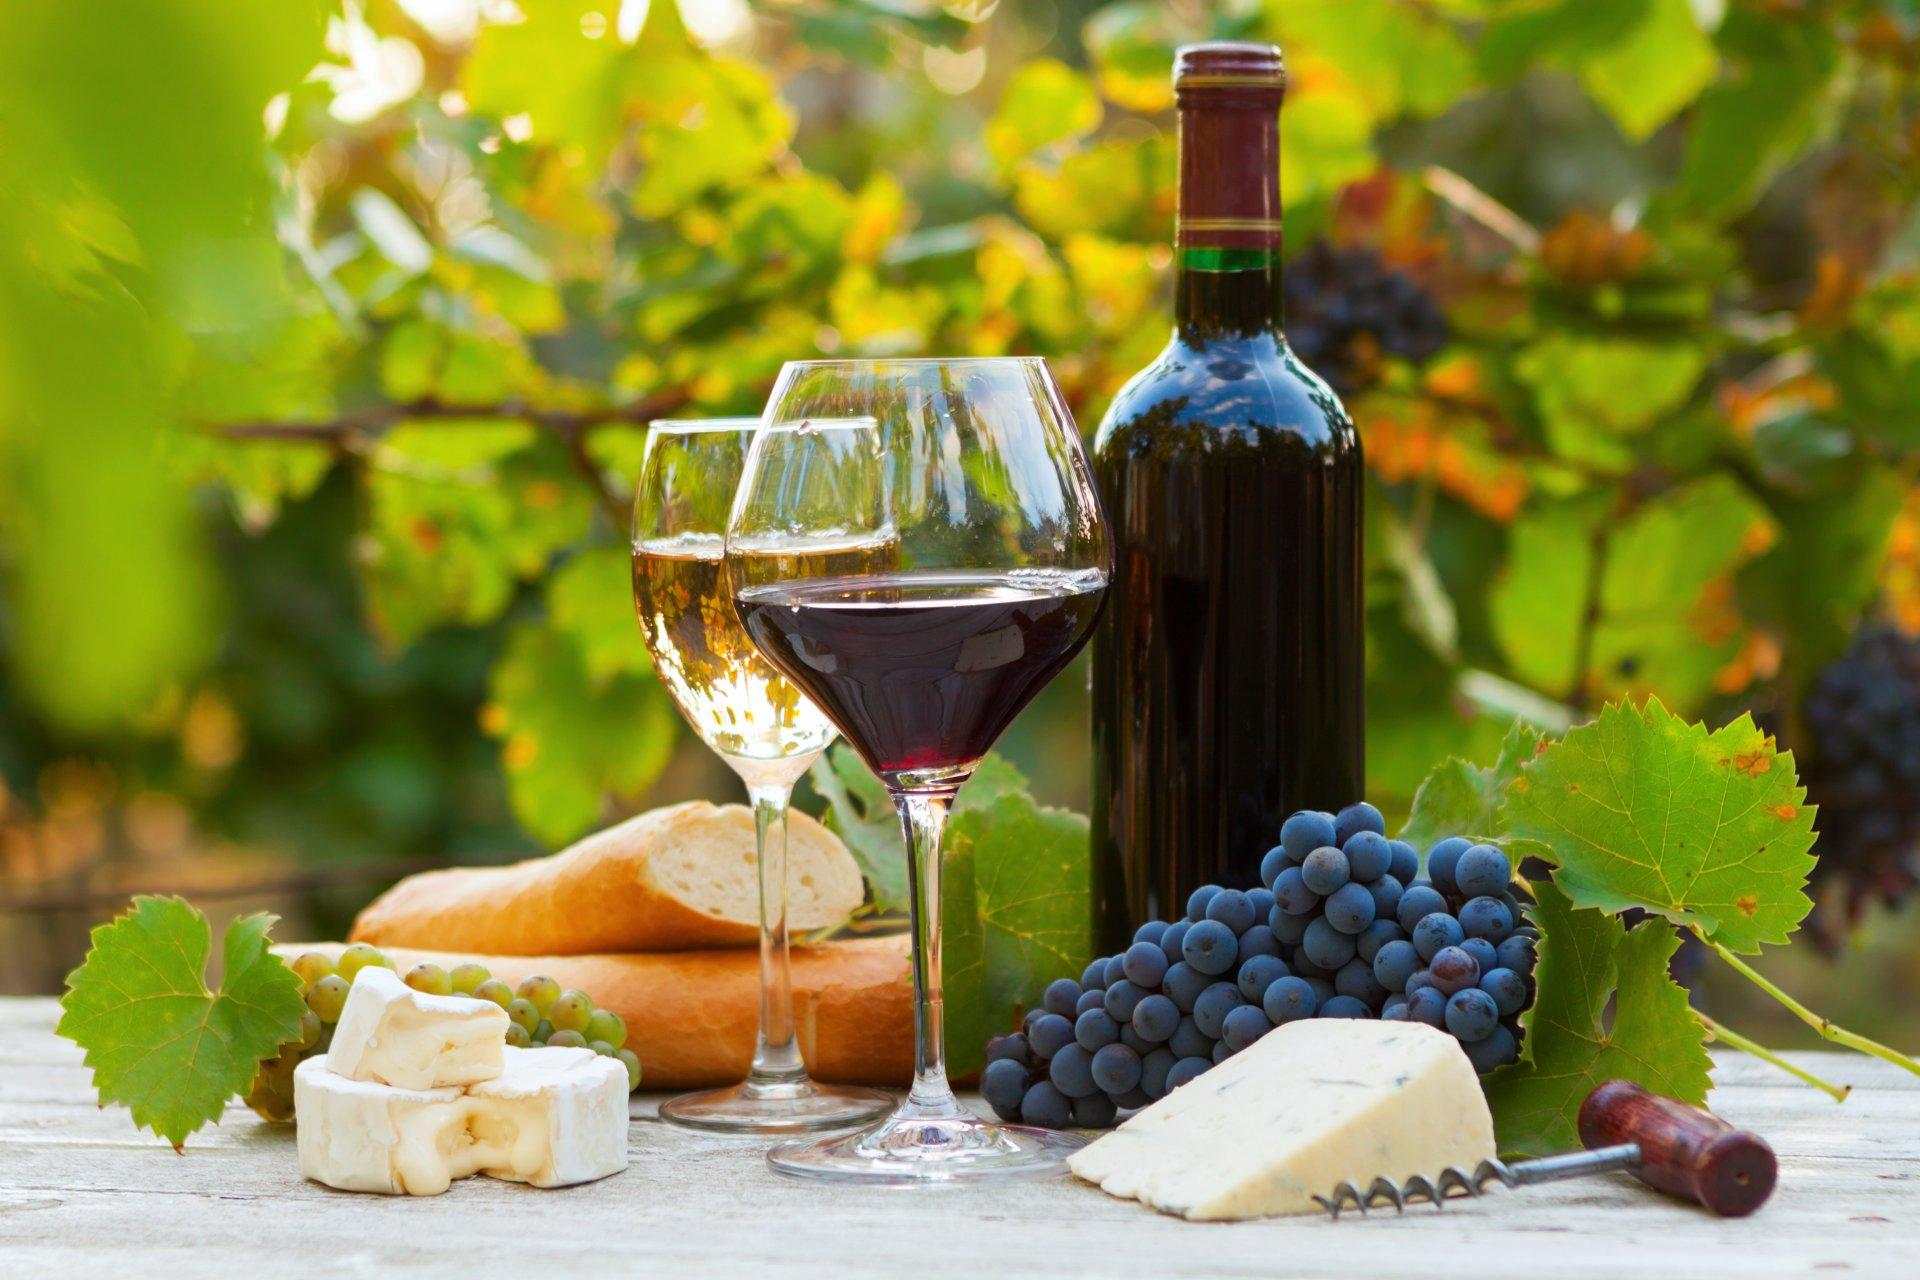 Картинки с вином и фруктами красивые